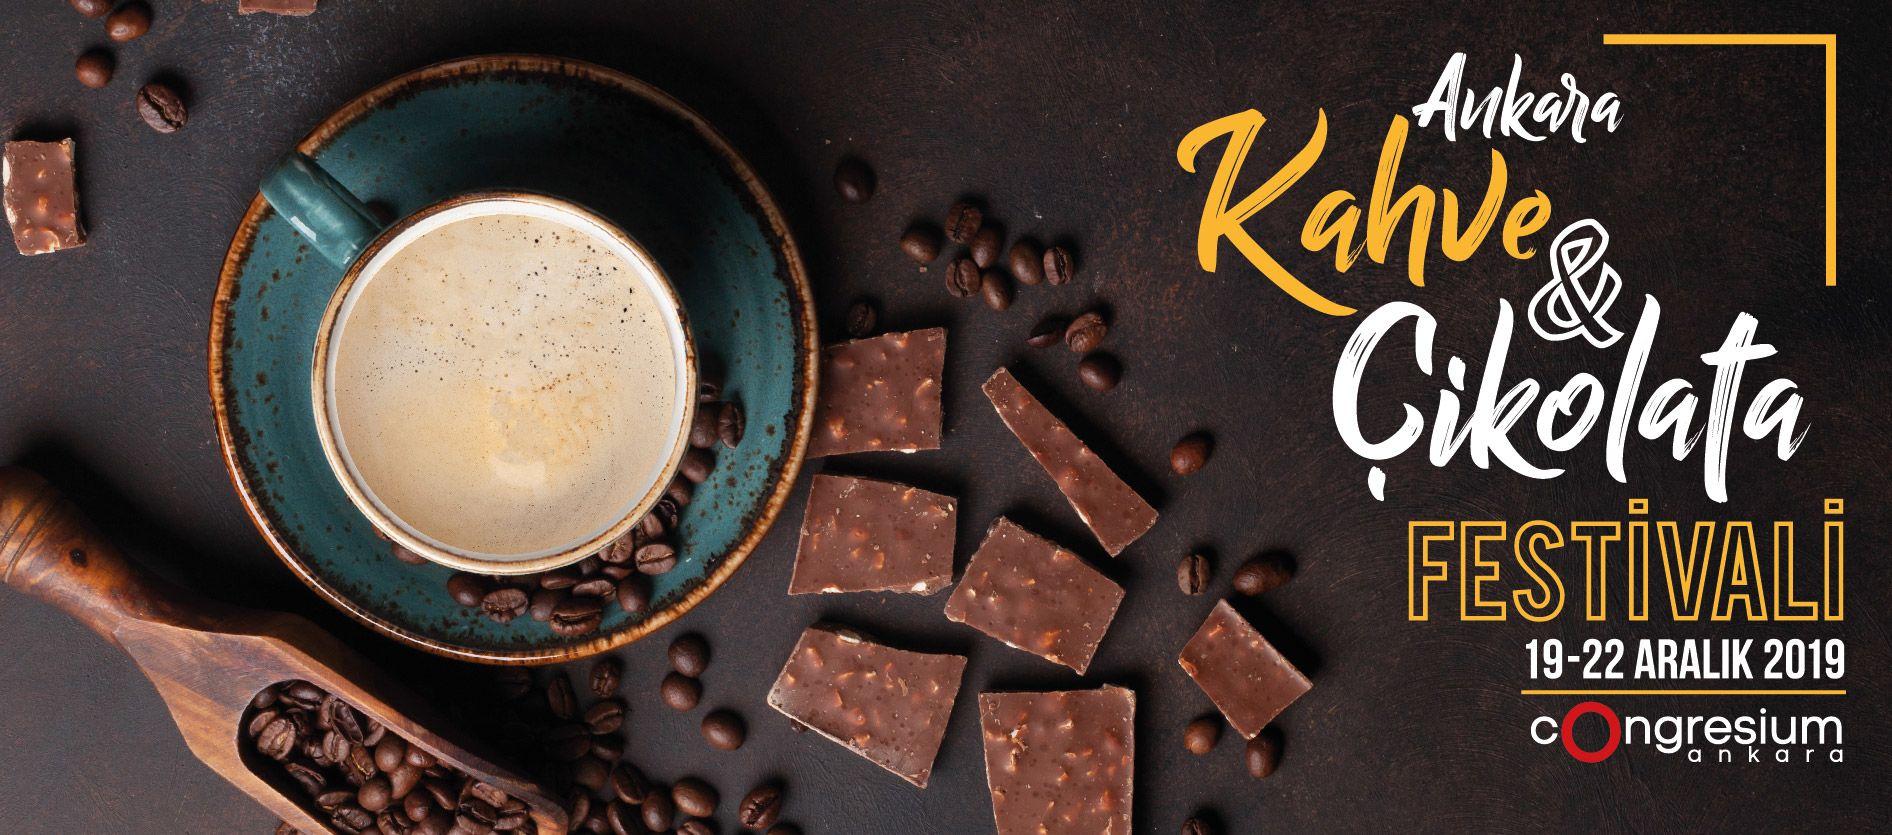 Ankara Kahve - Çikolata Festivali | 1. Gün